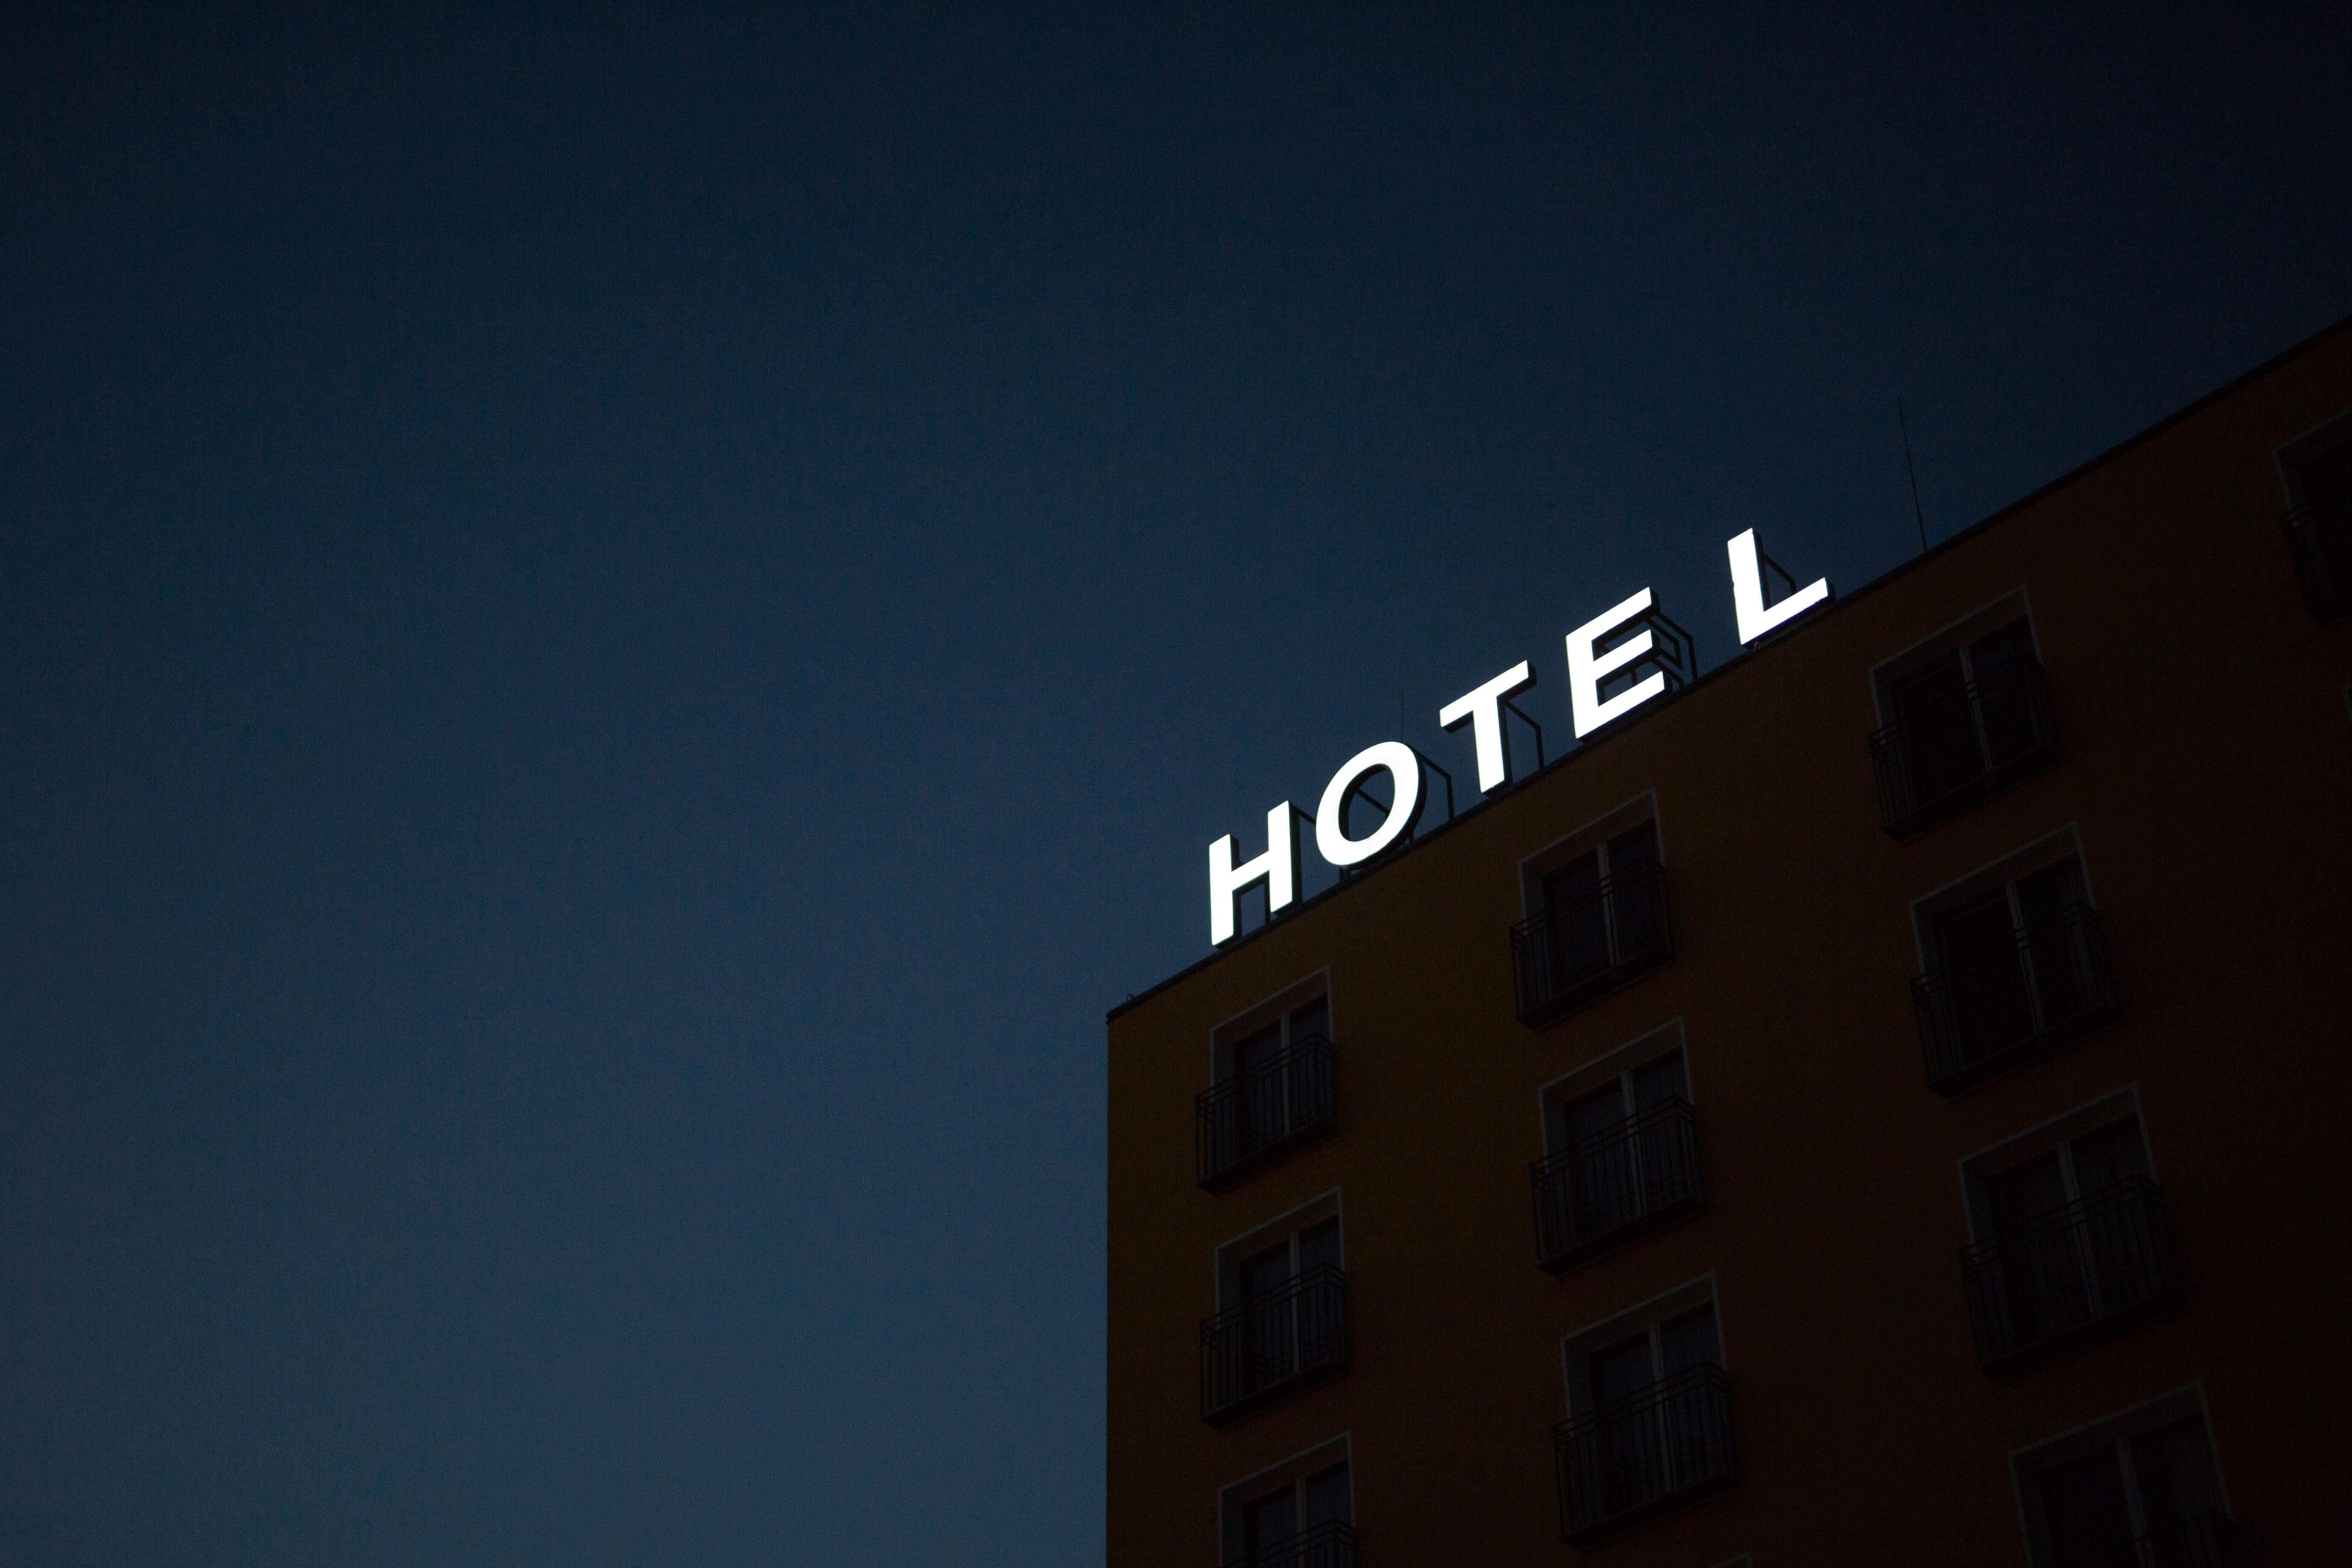 マリオット。今後開業予定のホテル一覧。アイキャッチ